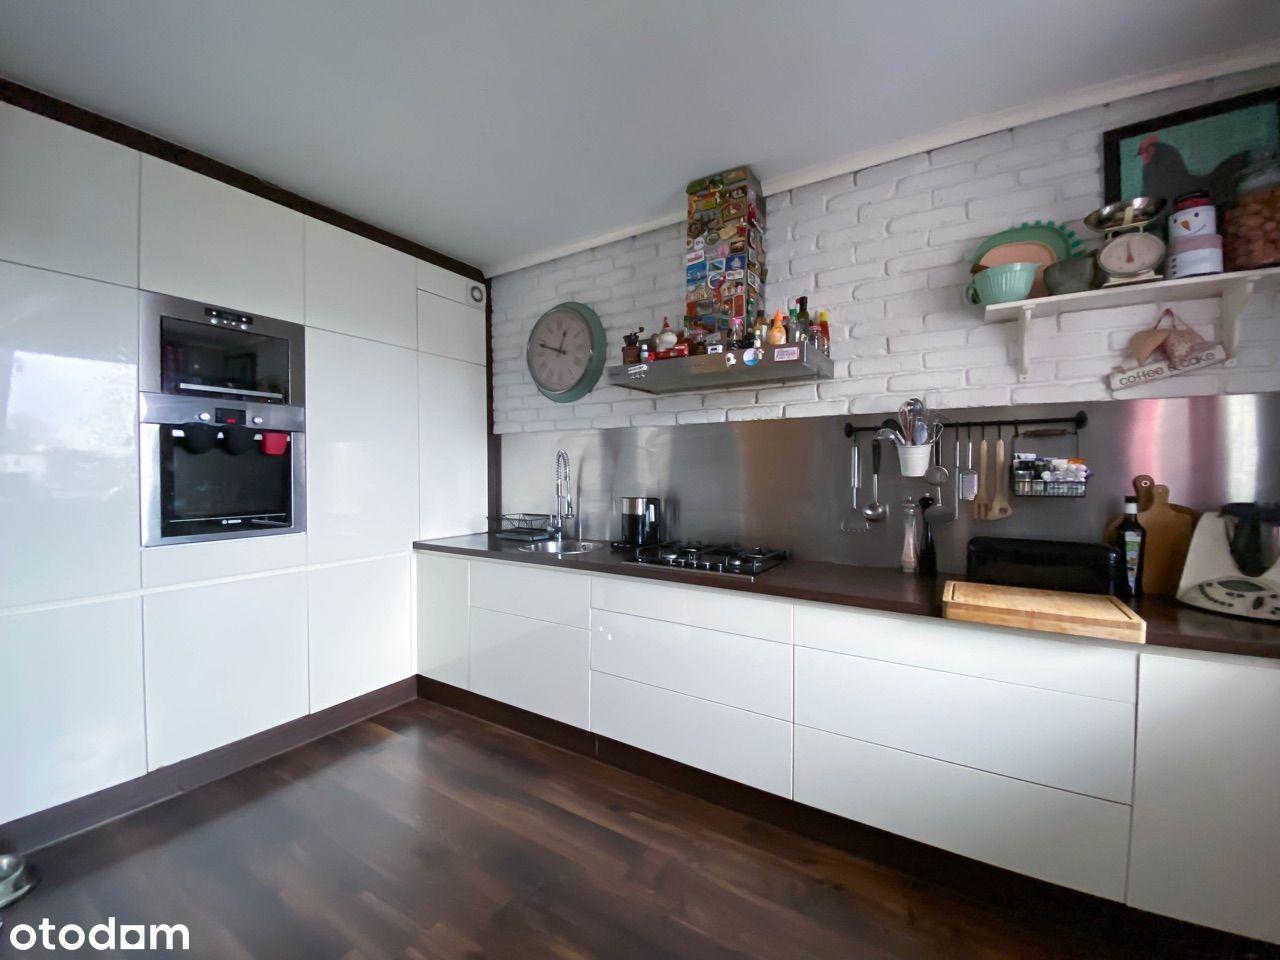 Sprzedam mieszkanie 51,49 m2, ul. Sosnkowskiego